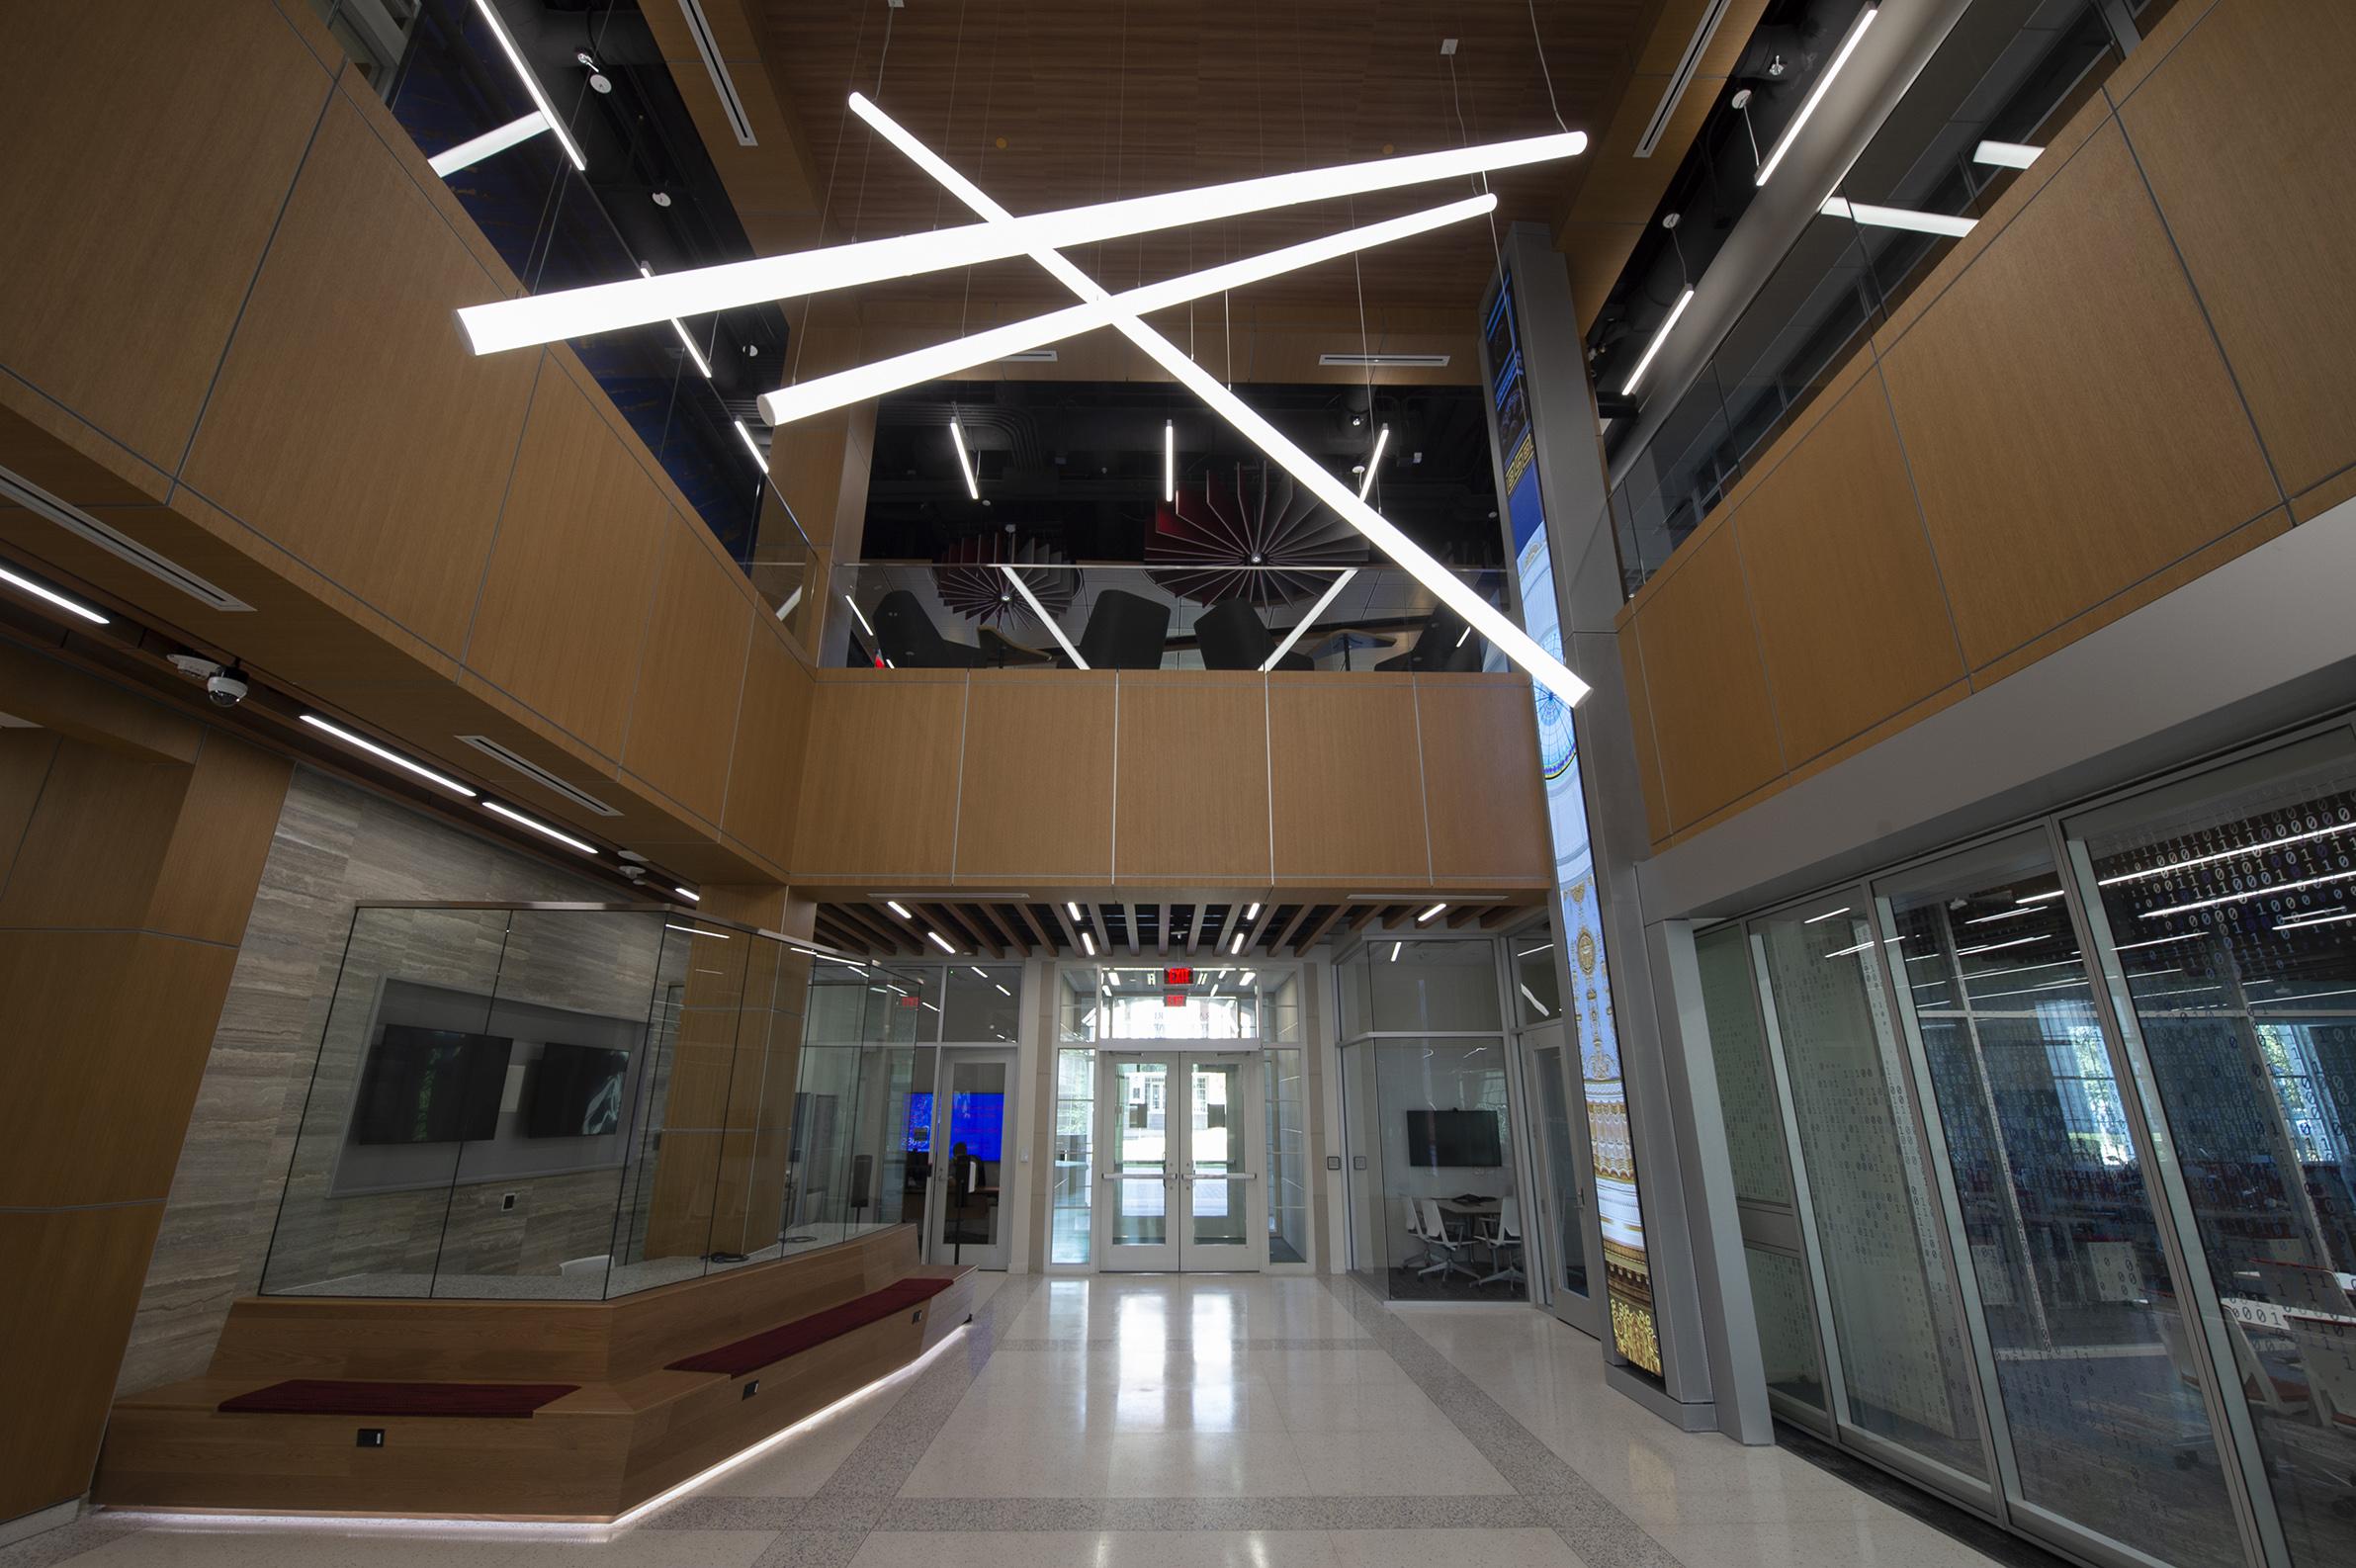 Ford Hall atrium